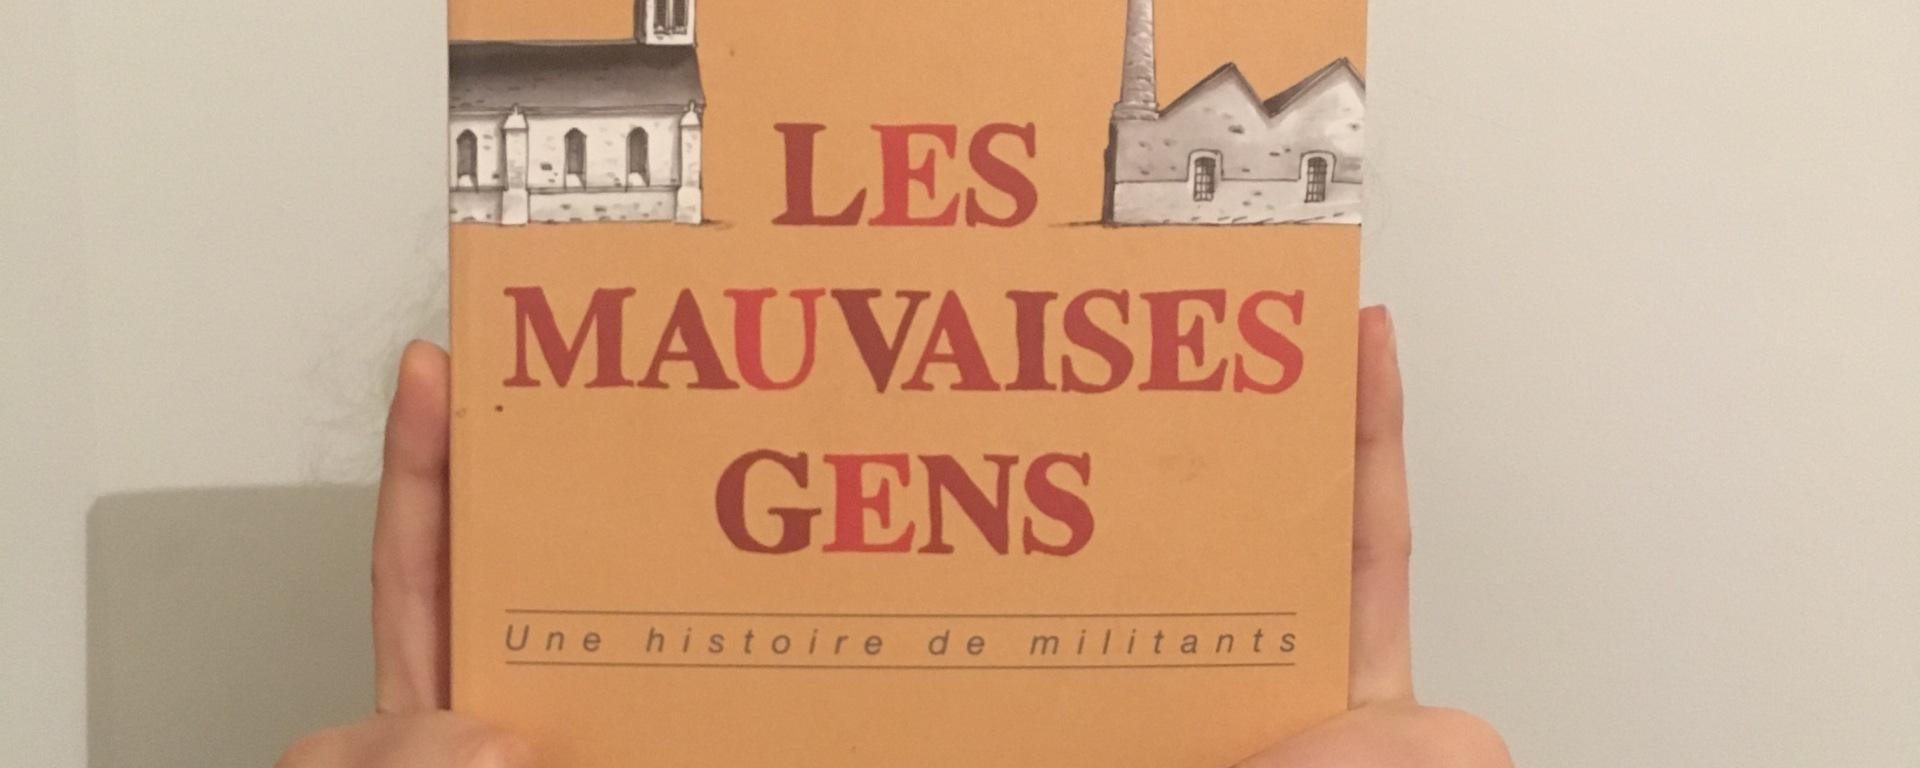 Les mauvaises gens Etienne Davodeau Editions Delcourt